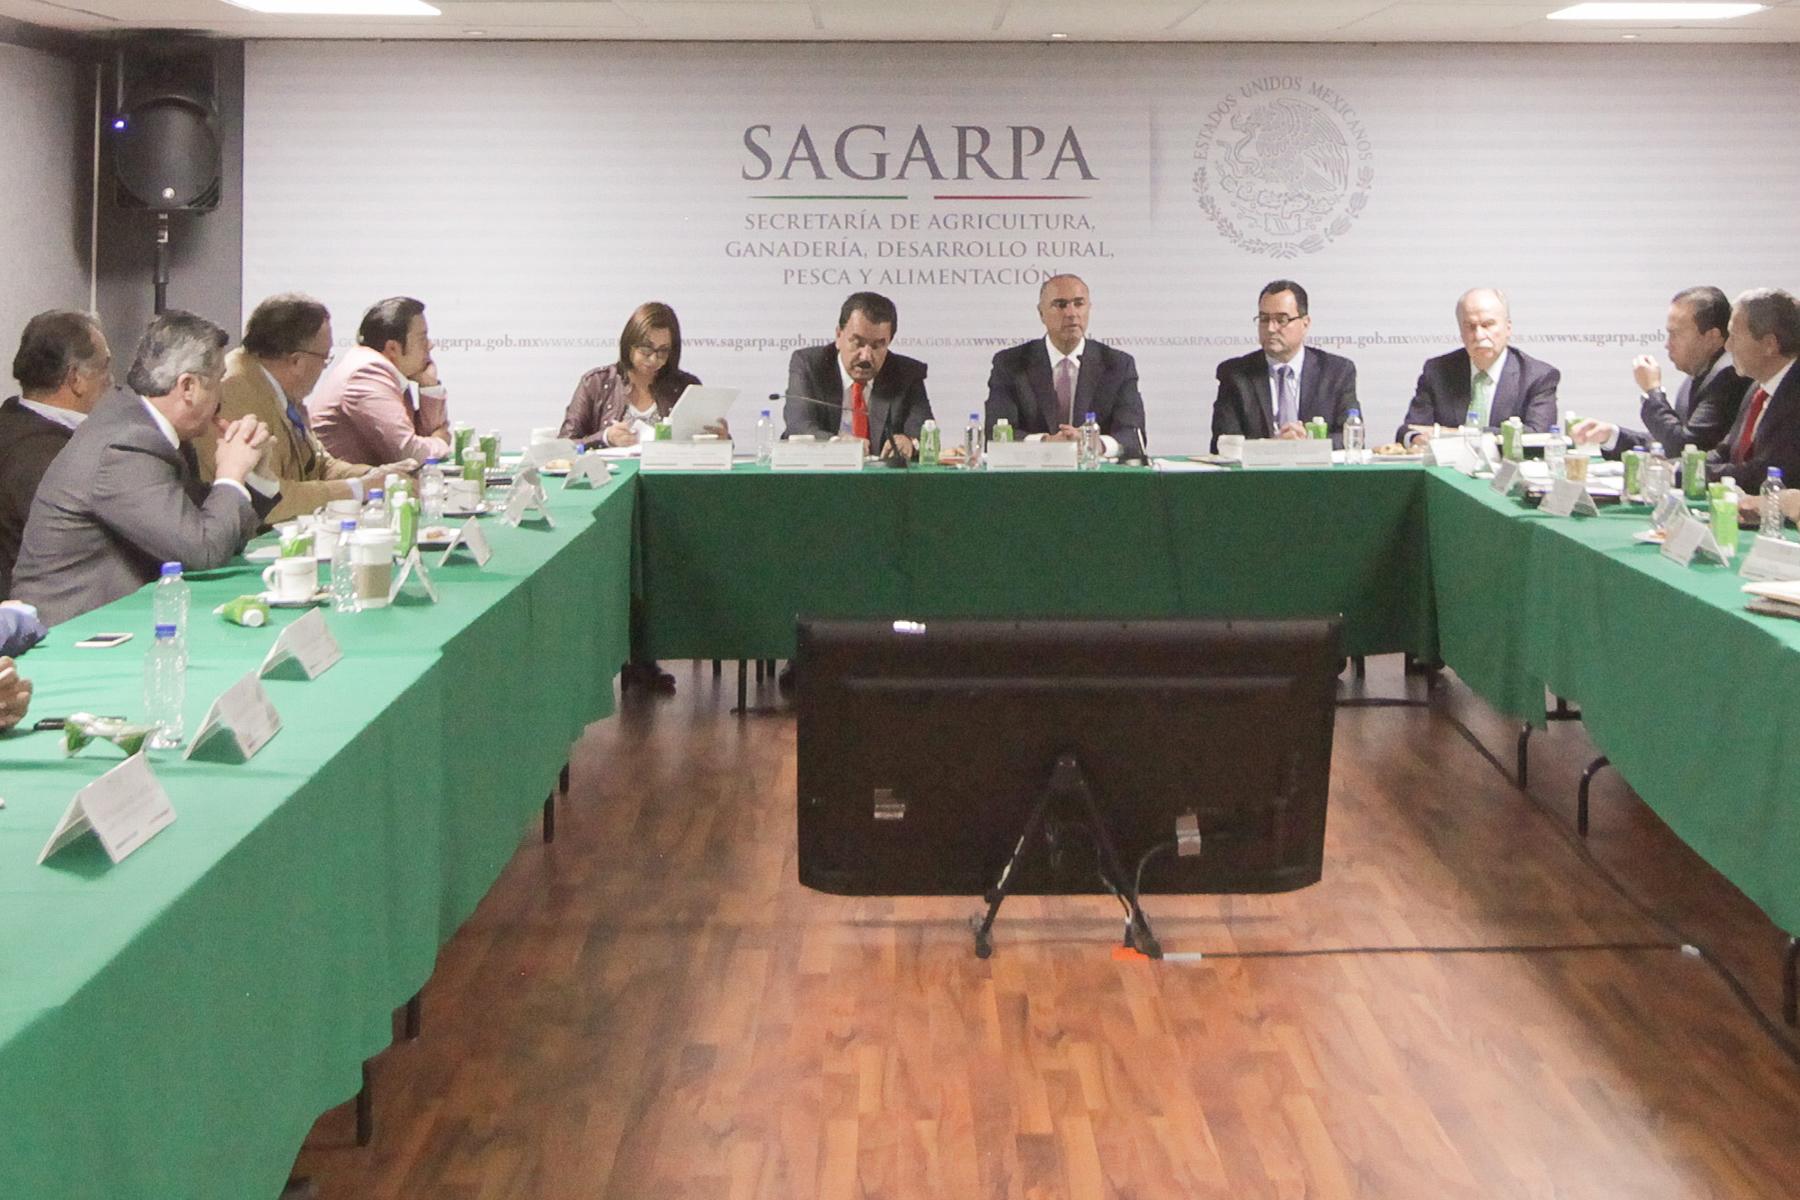 Encuentro del secretario José Calzada Rovirosa con integrantes de la Comisión de Agricultura y Sistemas de Riego.